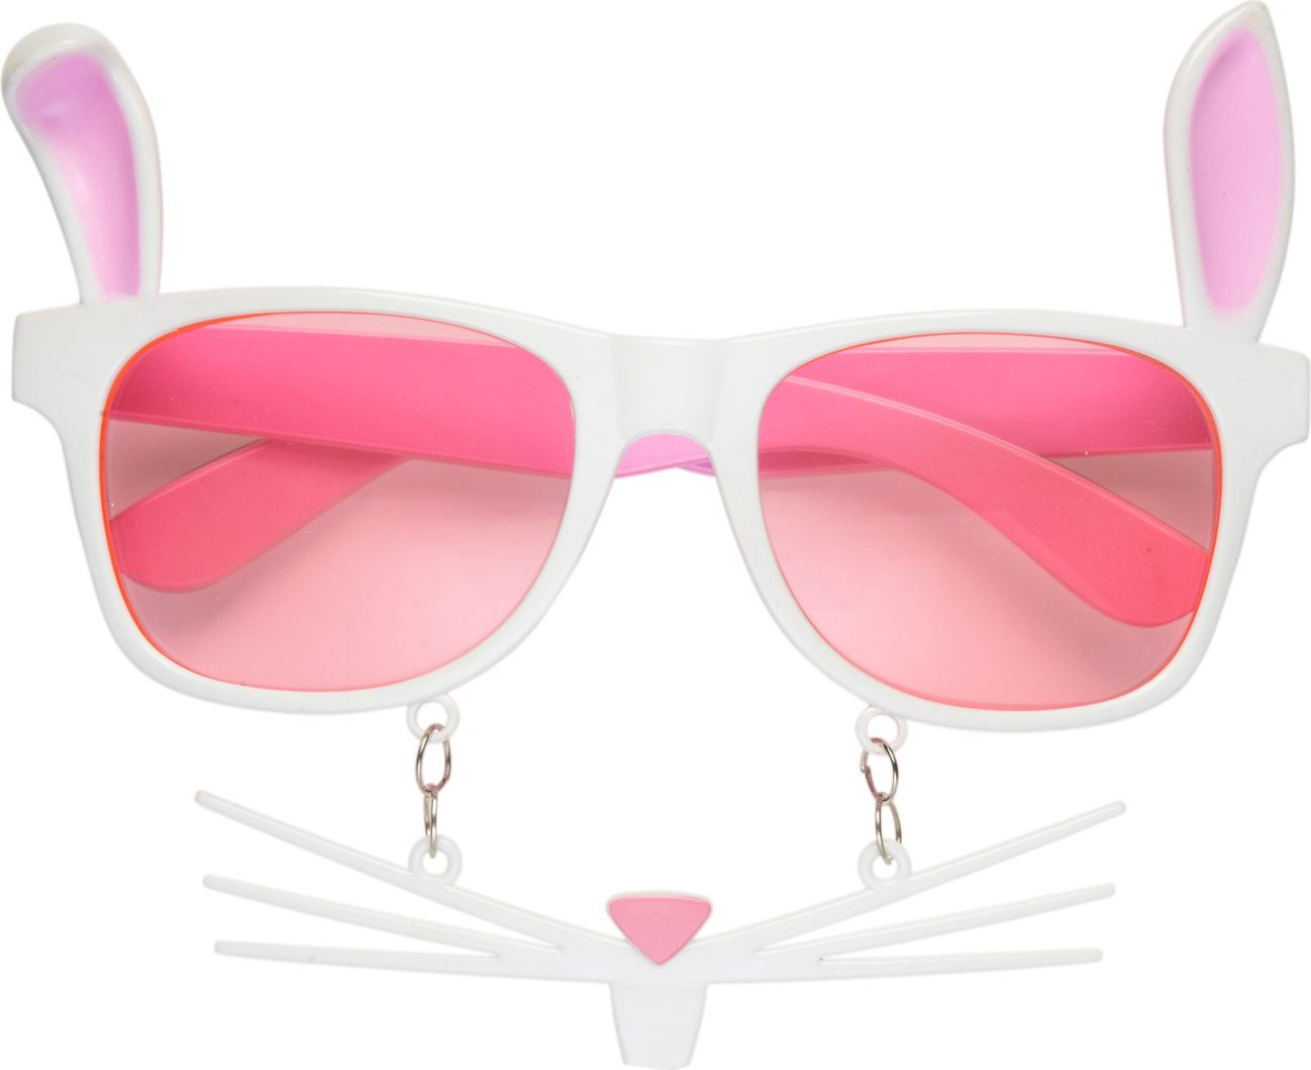 Konijnen bril met snorharen